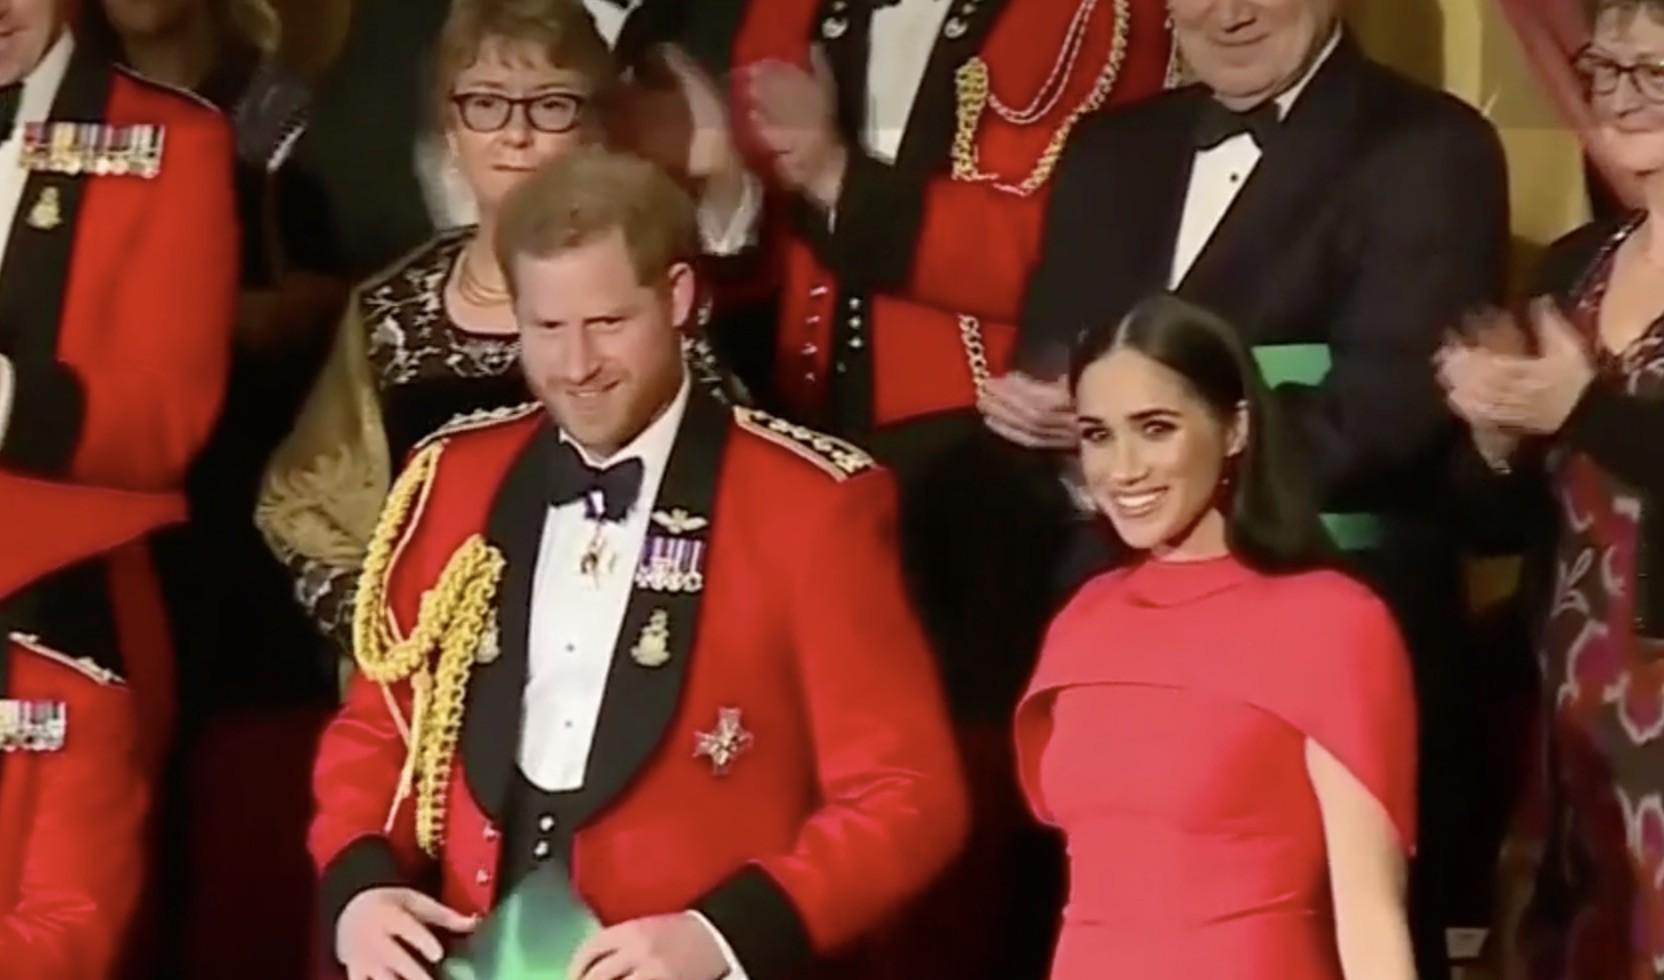 Prințul Harry și Meghan Markle se despart definitiv de familia regală britanică